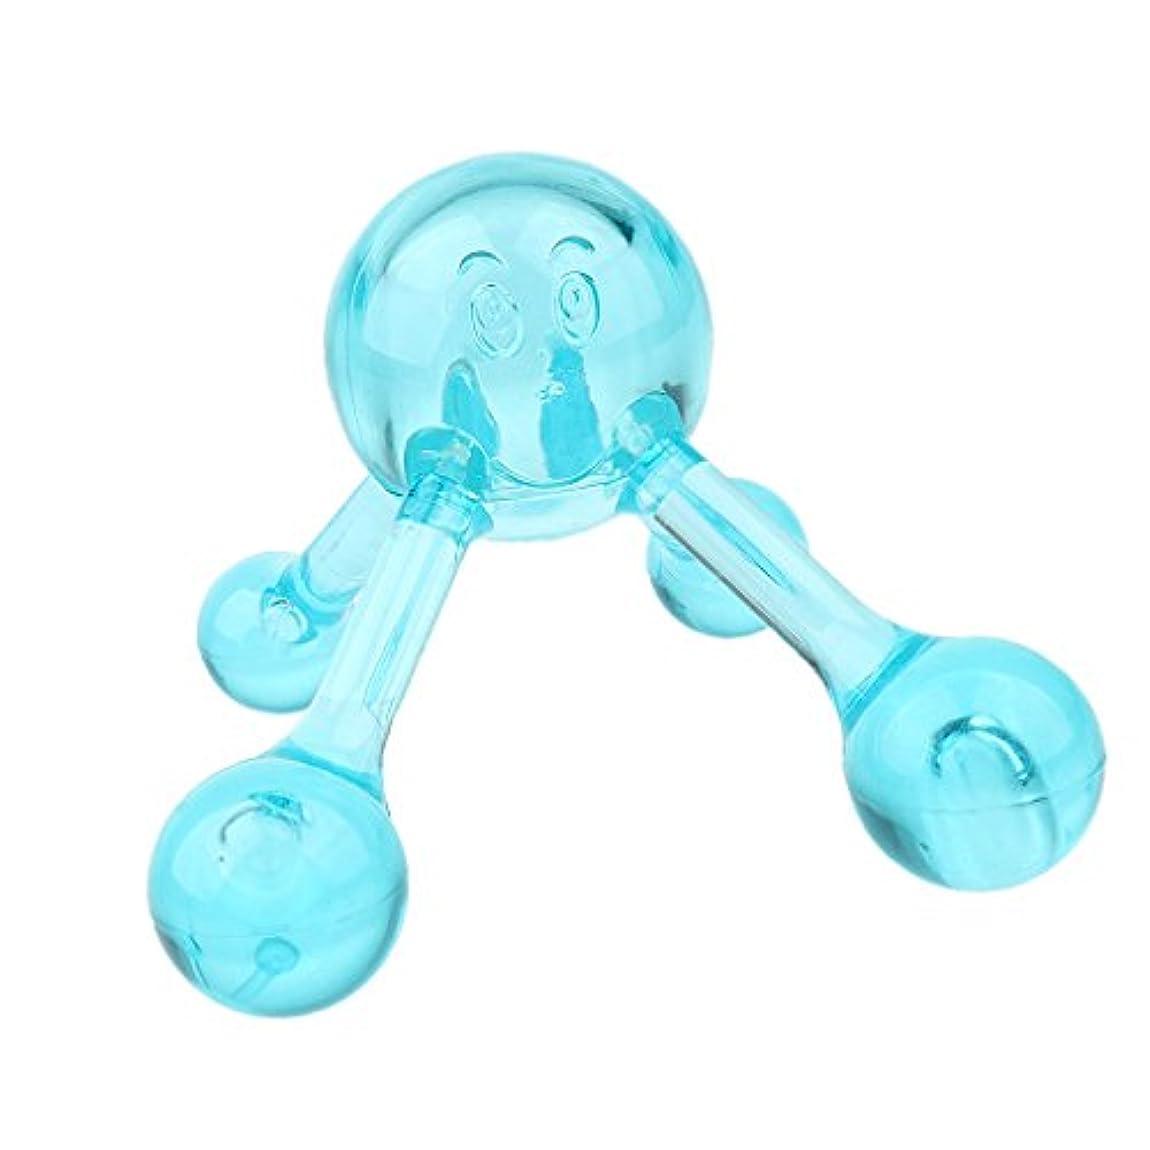 団結する特に想起Baoblaze ネック ショルダー バック マッサージボール マニュアル ローラーマッサージャー プラスチック製